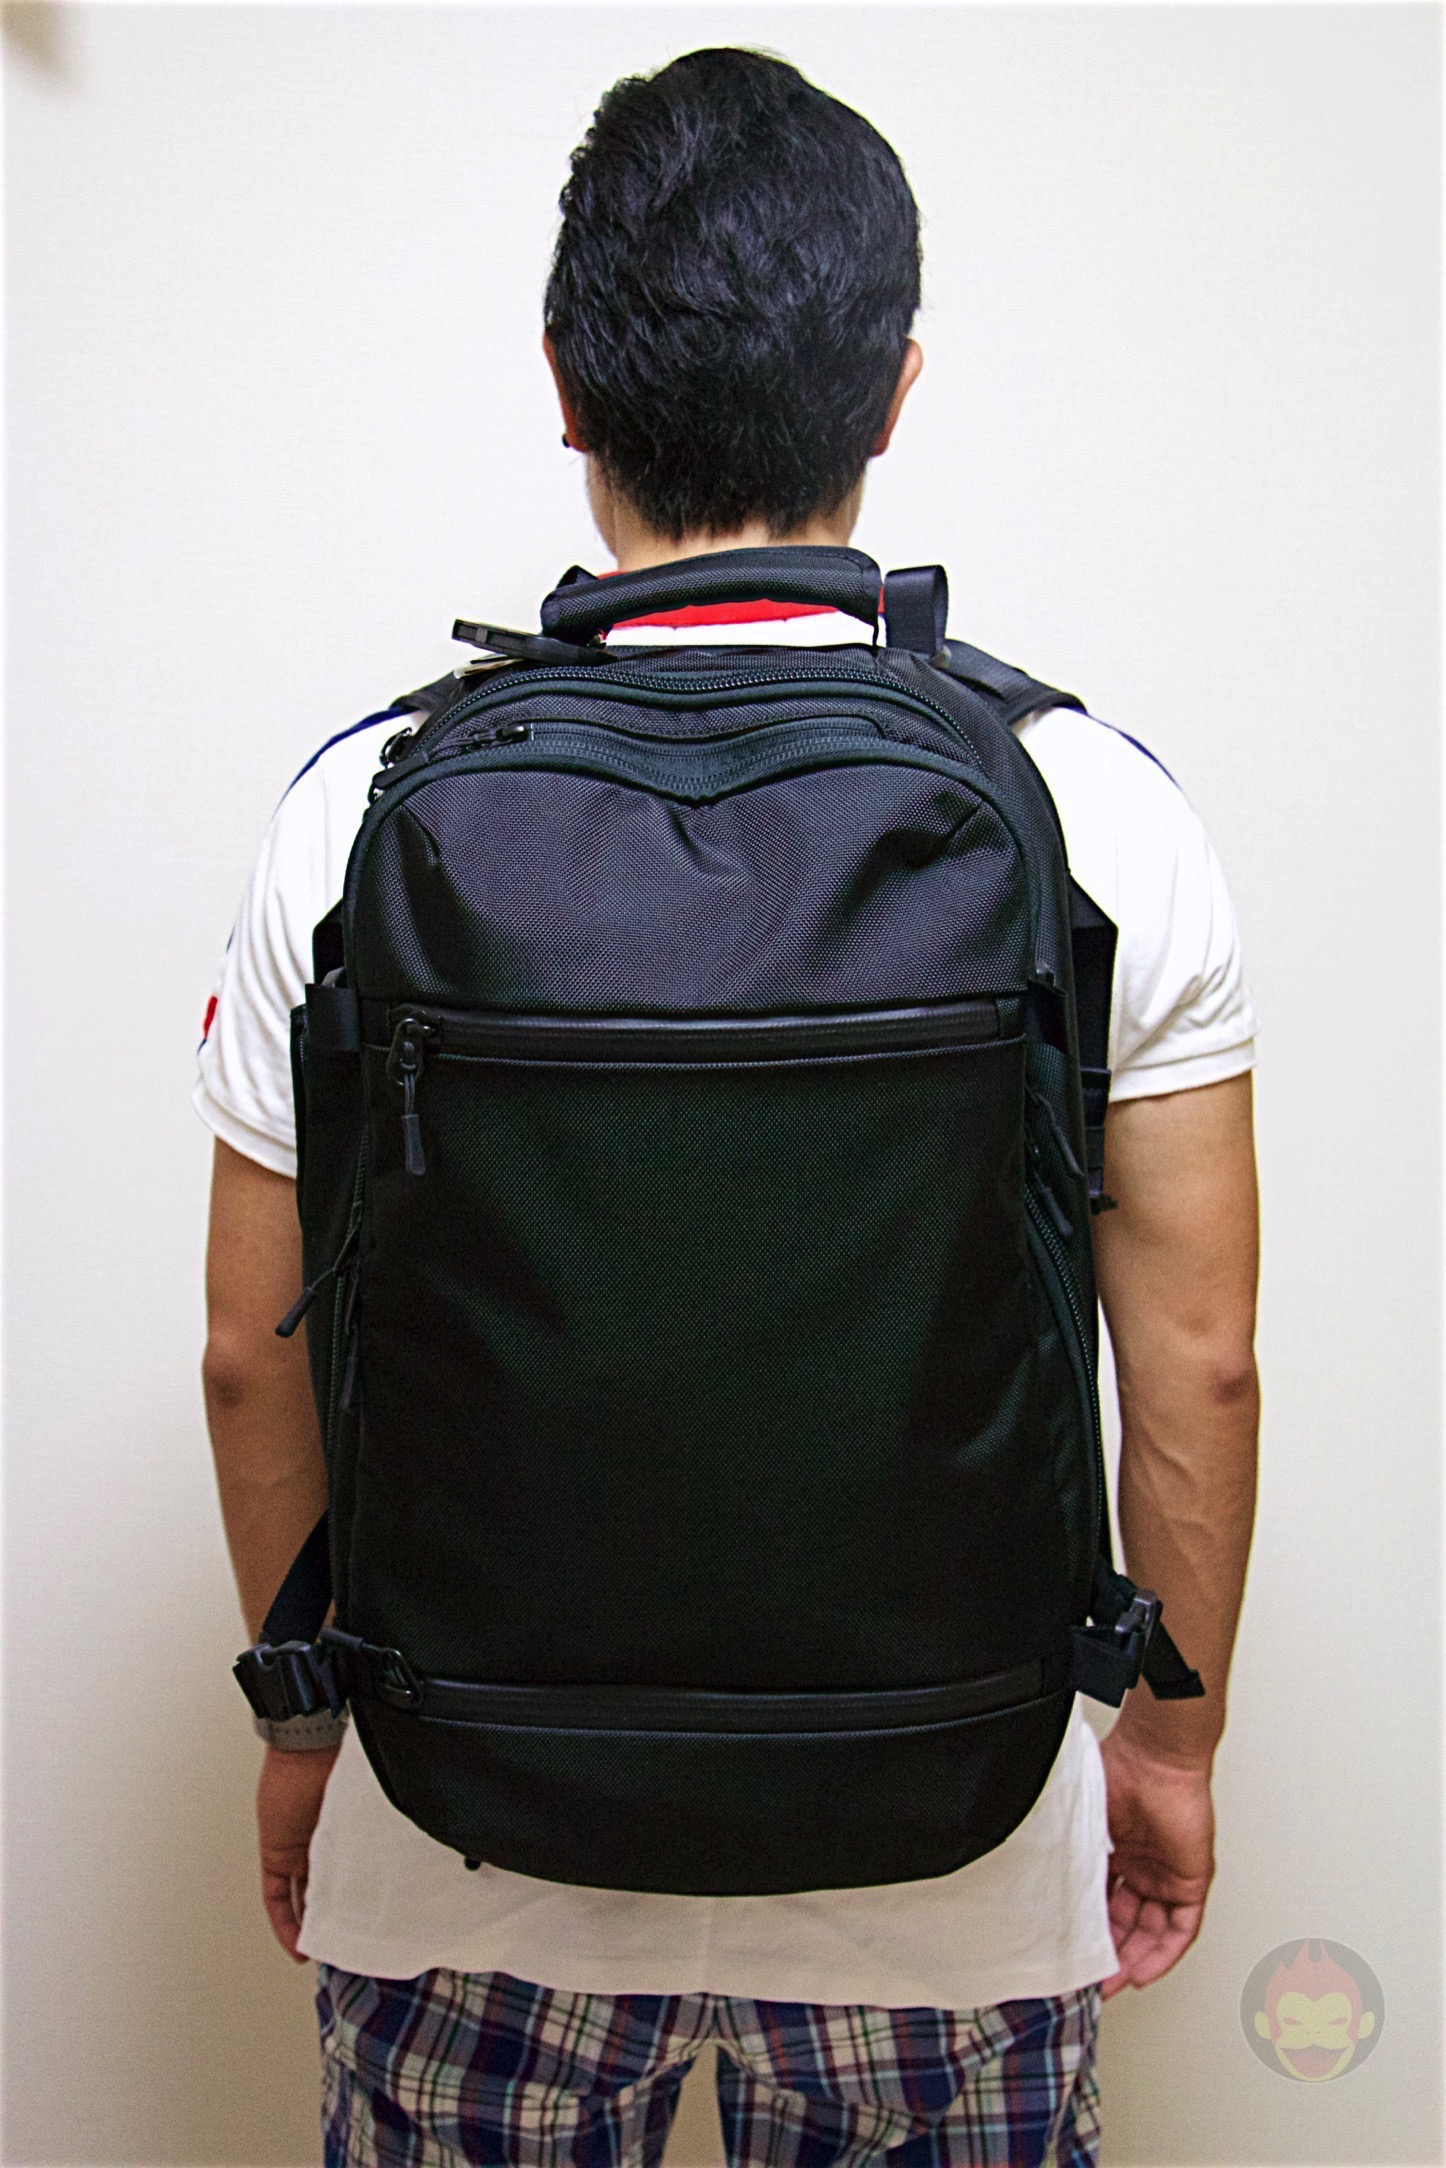 Aer-Travel-BackPack-on-Kickstarter-39.jpg